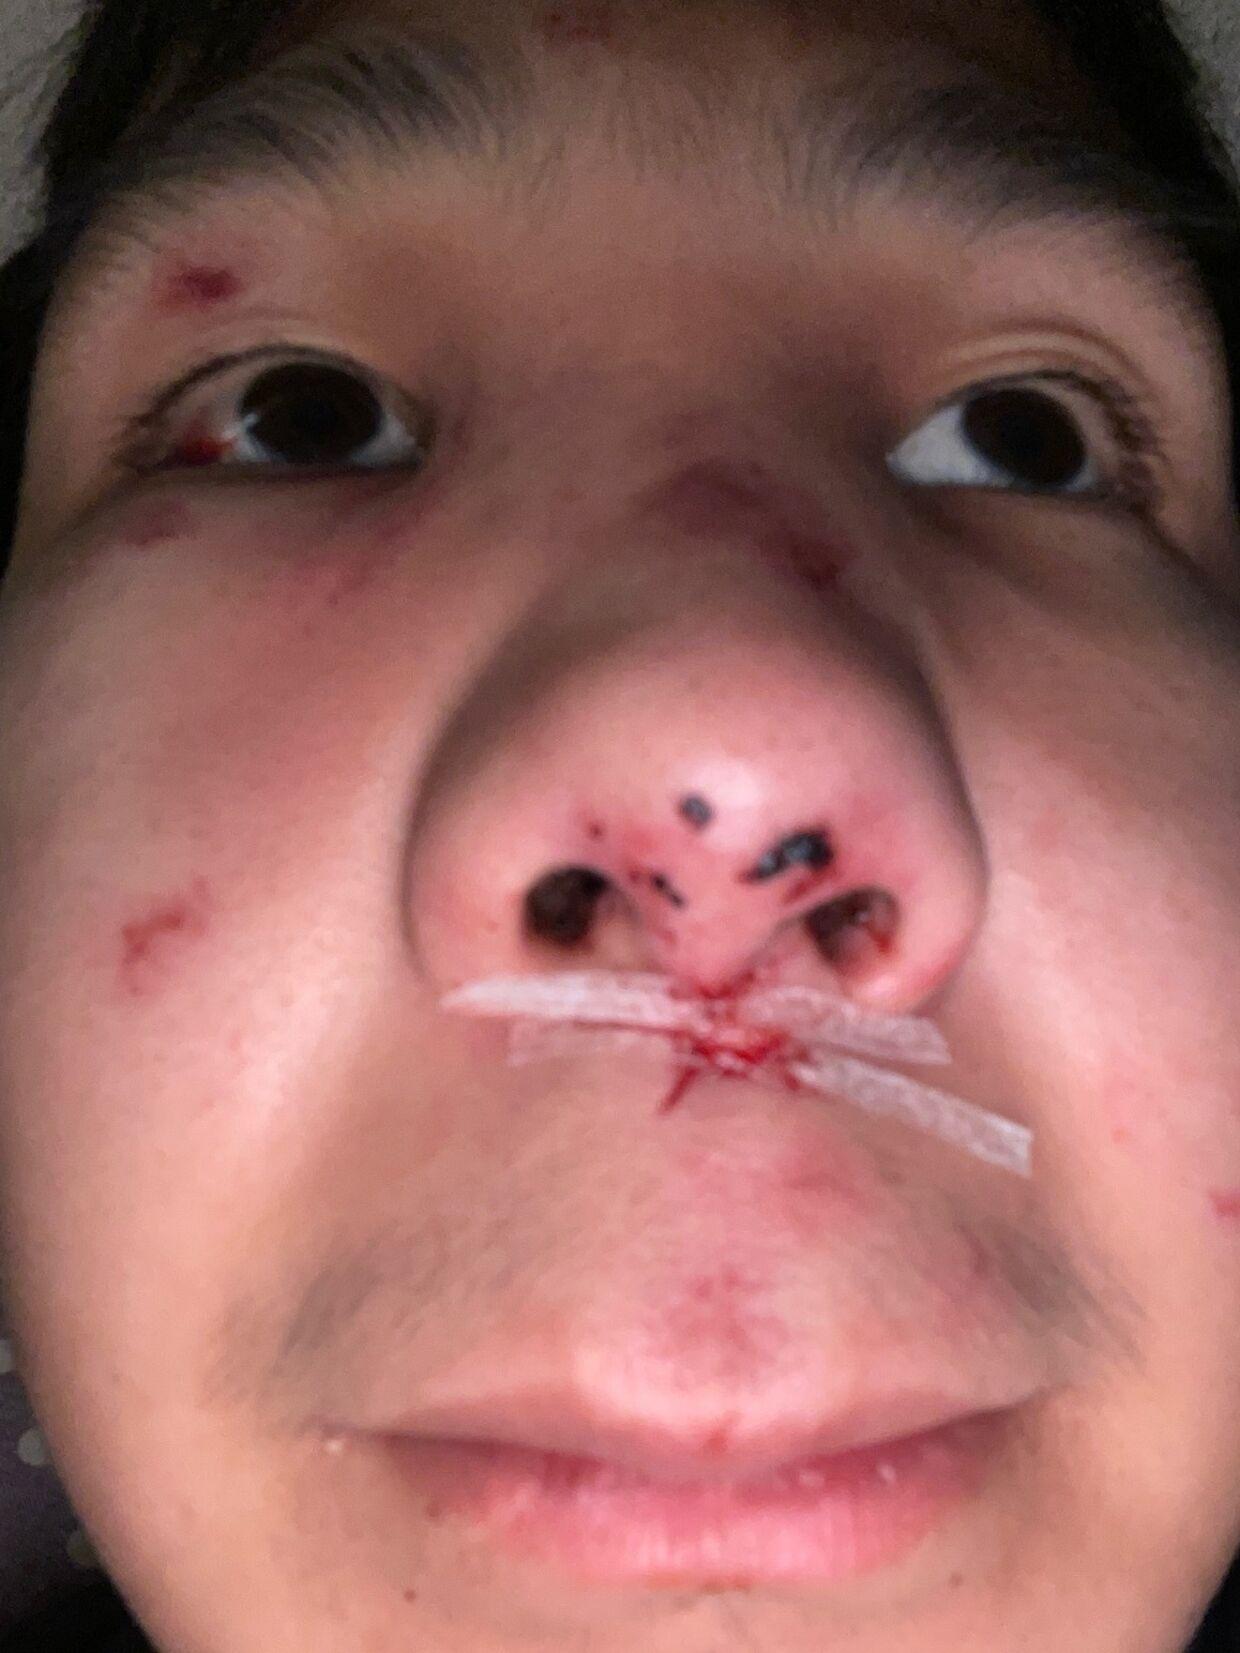 Såret under næsen er blevet ved med at bløde siden overfaldet.